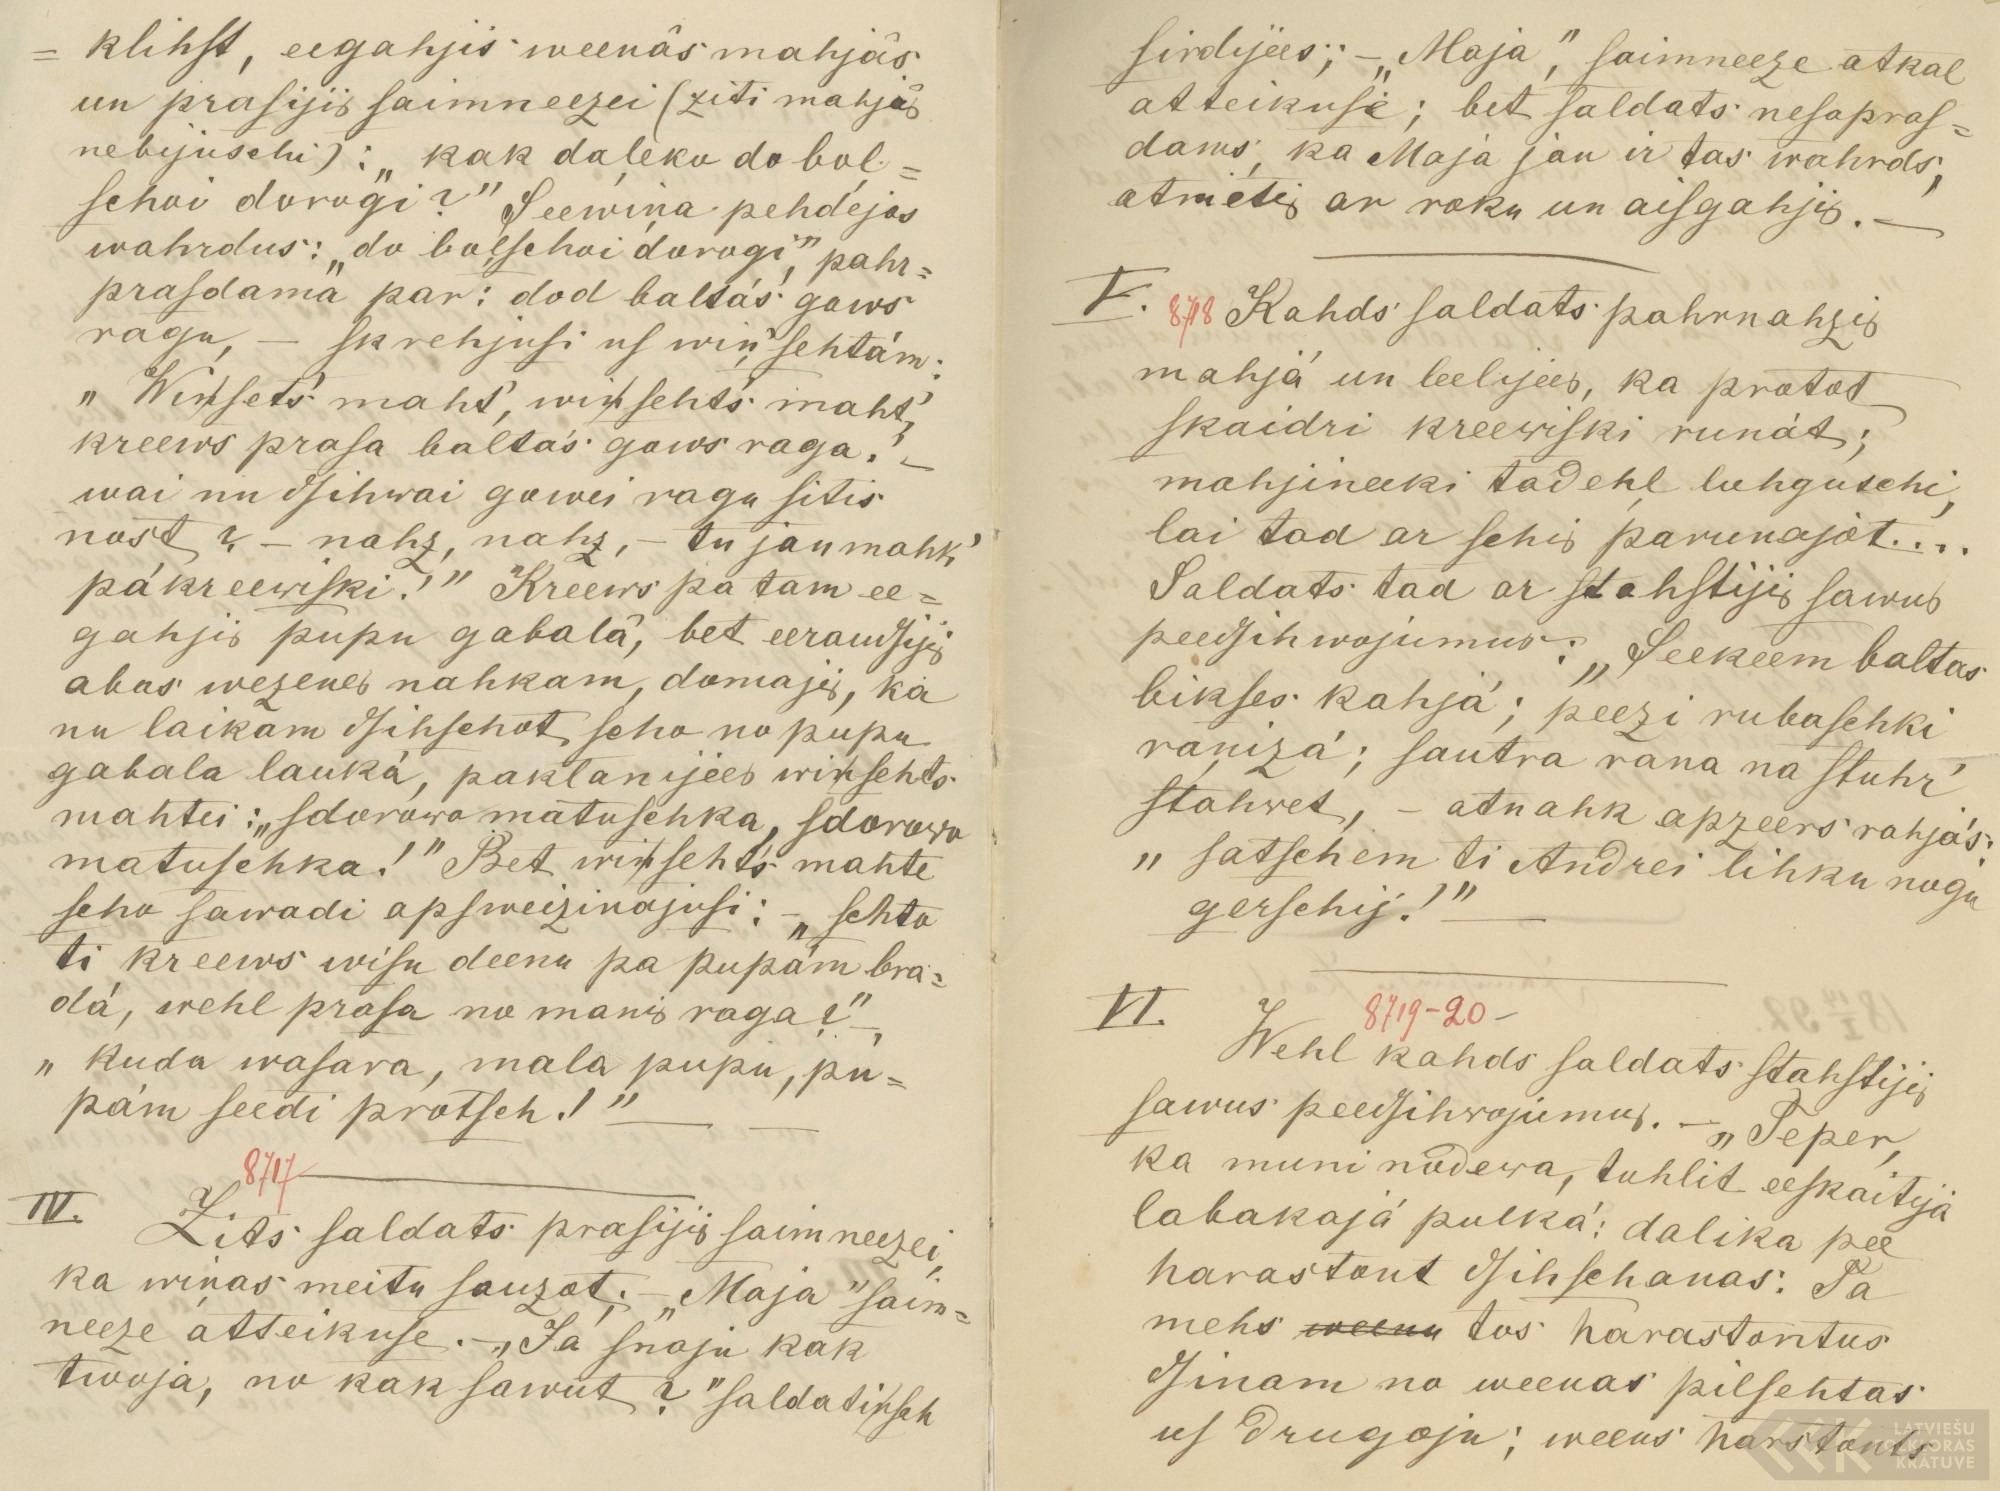 1730-Rigas-Latviesu-biedriba-03-0217